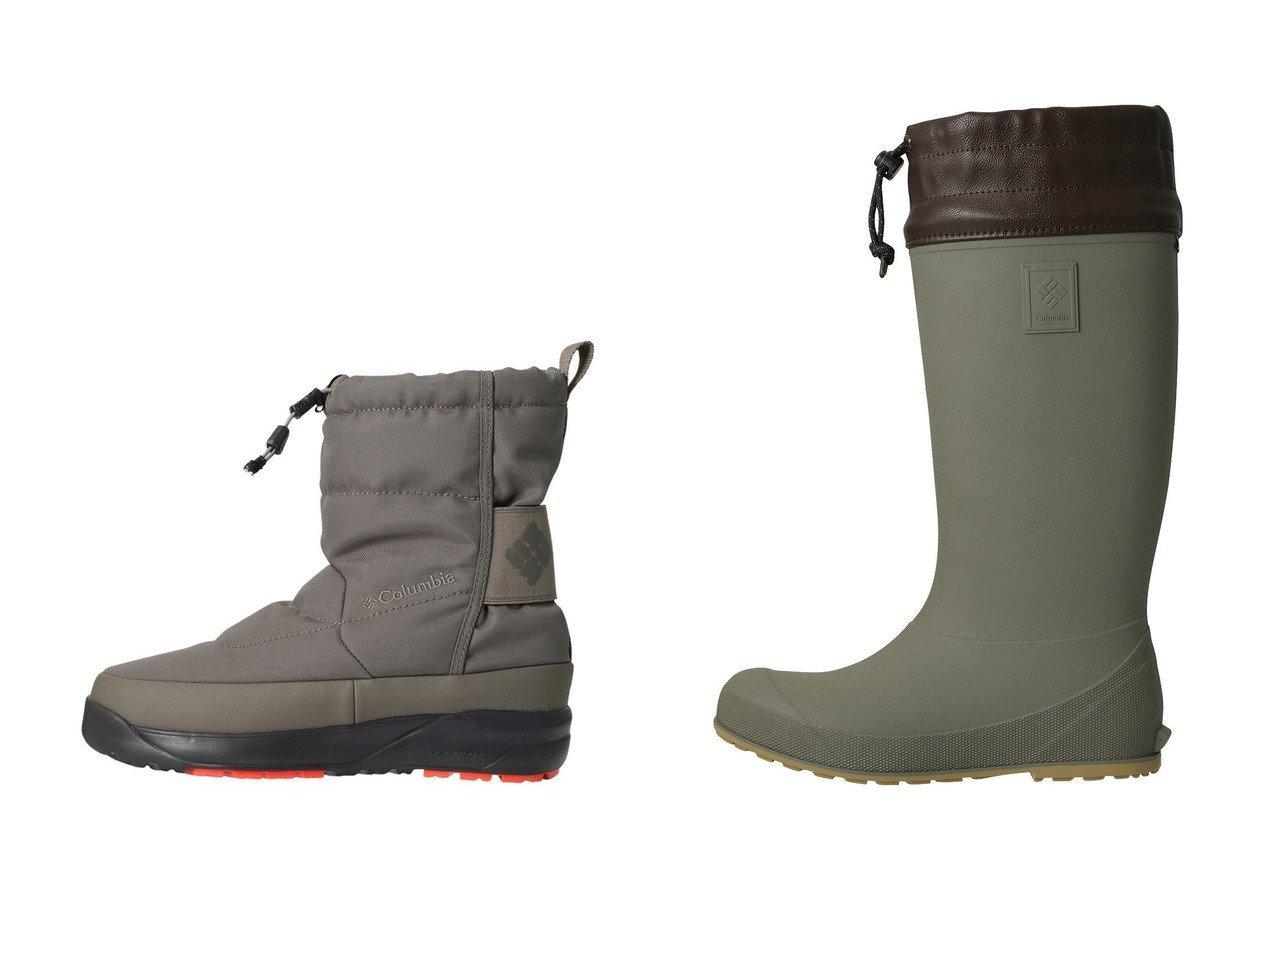 【Columbia/コロンビア】の【UNISEX】ラディ リーフ&【UNISEX】スピンリールブーツ 2 アドバンス ウォータープルーフ オムニヒート 【シューズ・靴】おすすめ!人気、トレンド・レディースファッションの通販 おすすめで人気の流行・トレンド、ファッションの通販商品 インテリア・家具・メンズファッション・キッズファッション・レディースファッション・服の通販 founy(ファニー) https://founy.com/ ファッション Fashion レディースファッション WOMEN スポーツウェア Sportswear スポーツ シューズ Shoes UNISEX アウトドア ウォーター シューズ スポーツ ミドル 冬 Winter インソール クッション フェイクレザー ラバー リーフ |ID:crp329100000072572